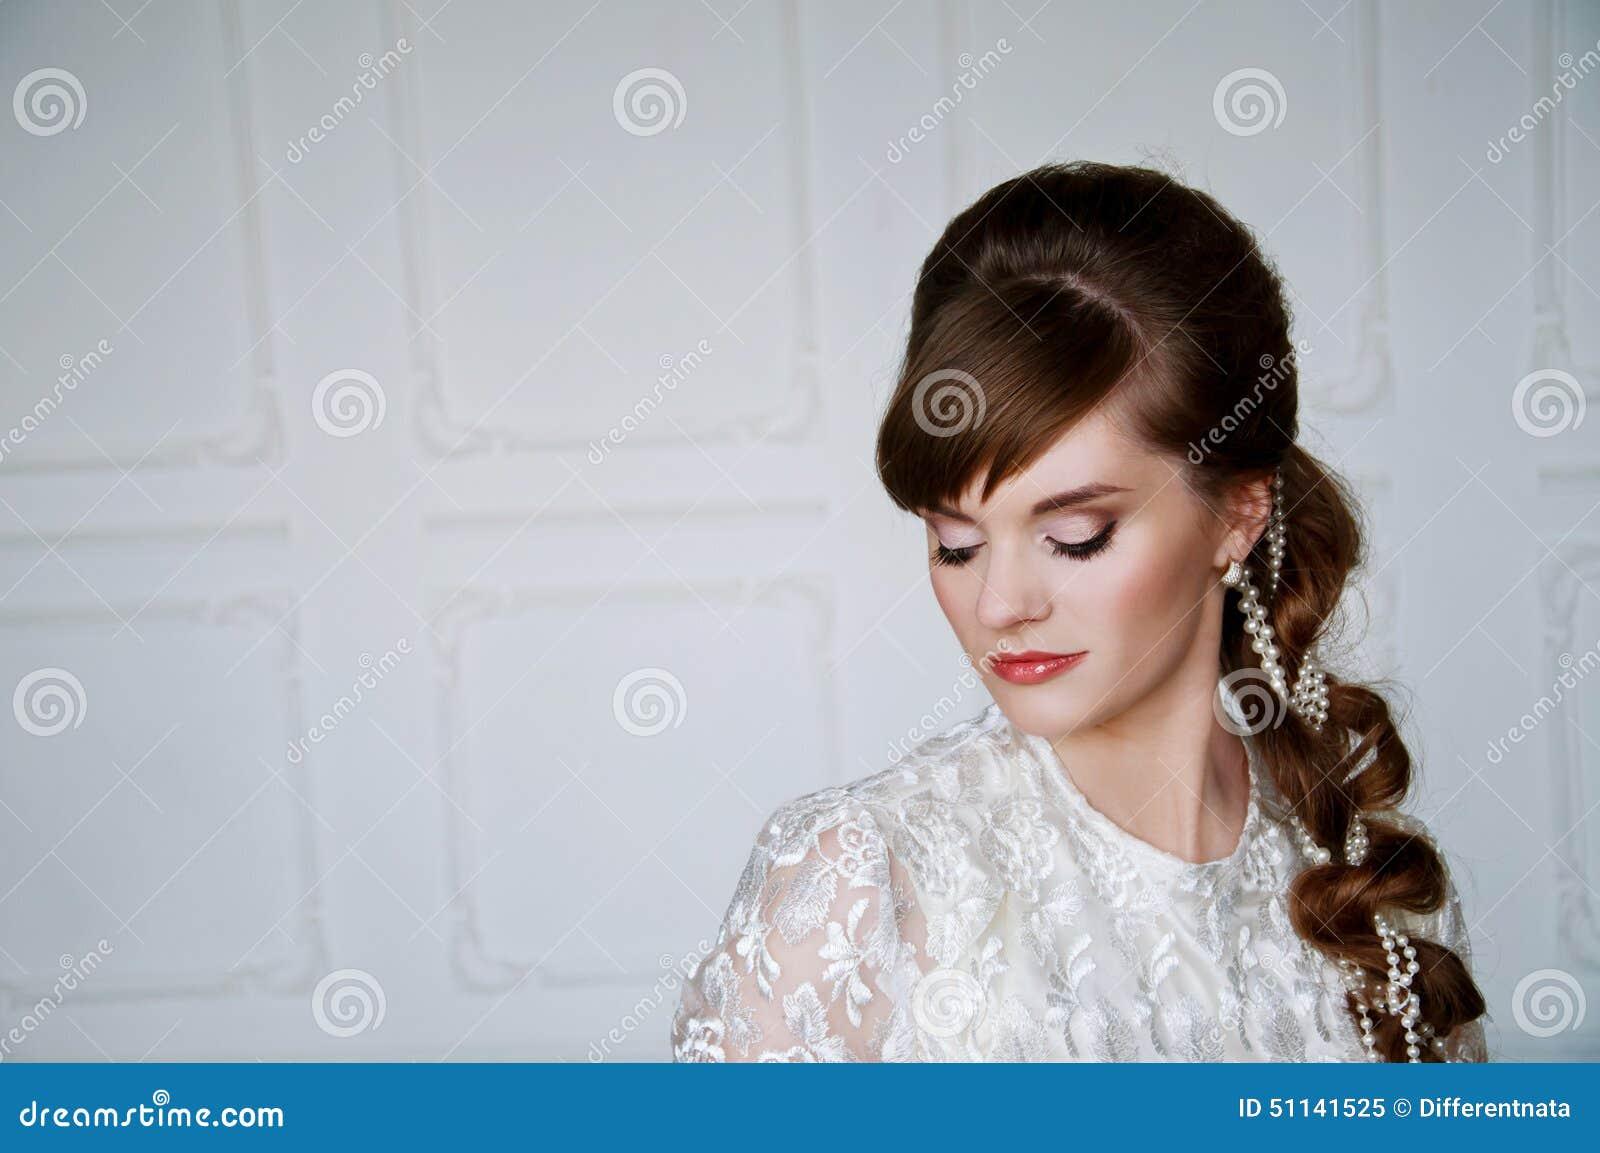 Noiva Nova Bonita Com Penteado Retro Imagem De Stock Imagem De